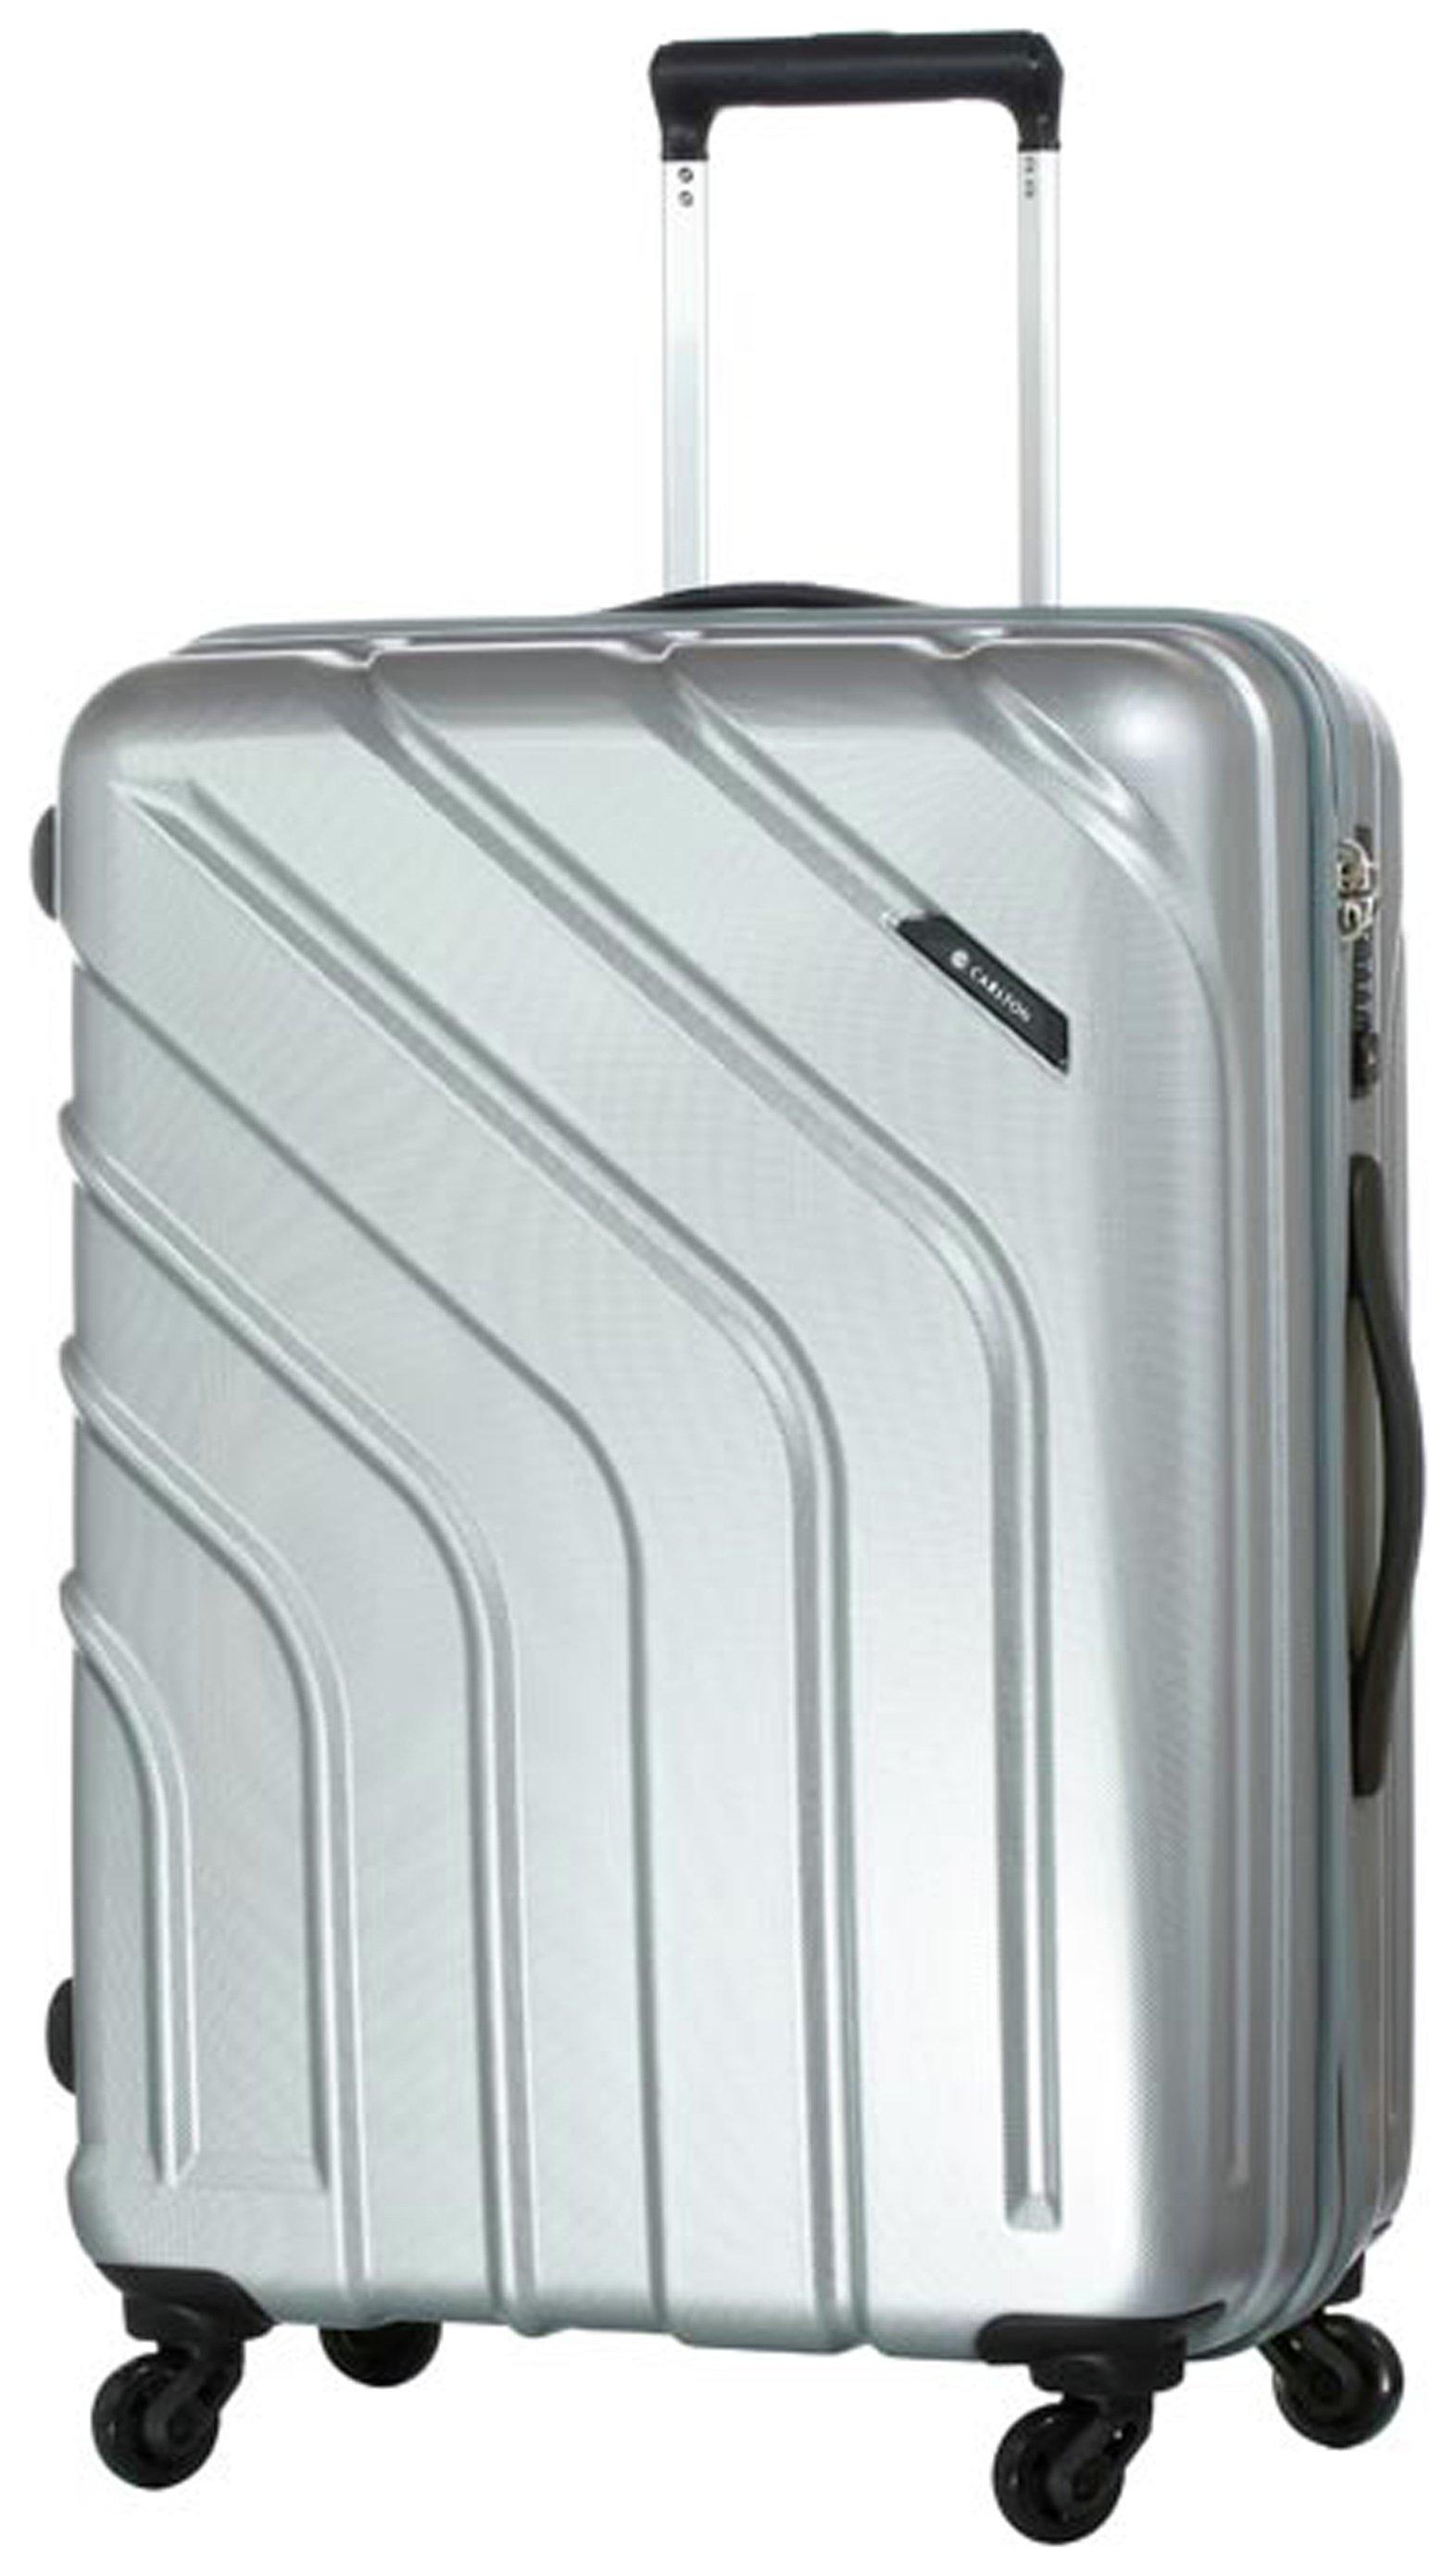 Image of Carlton - Stellar Small 4 Wheel Trolley Case - Silver